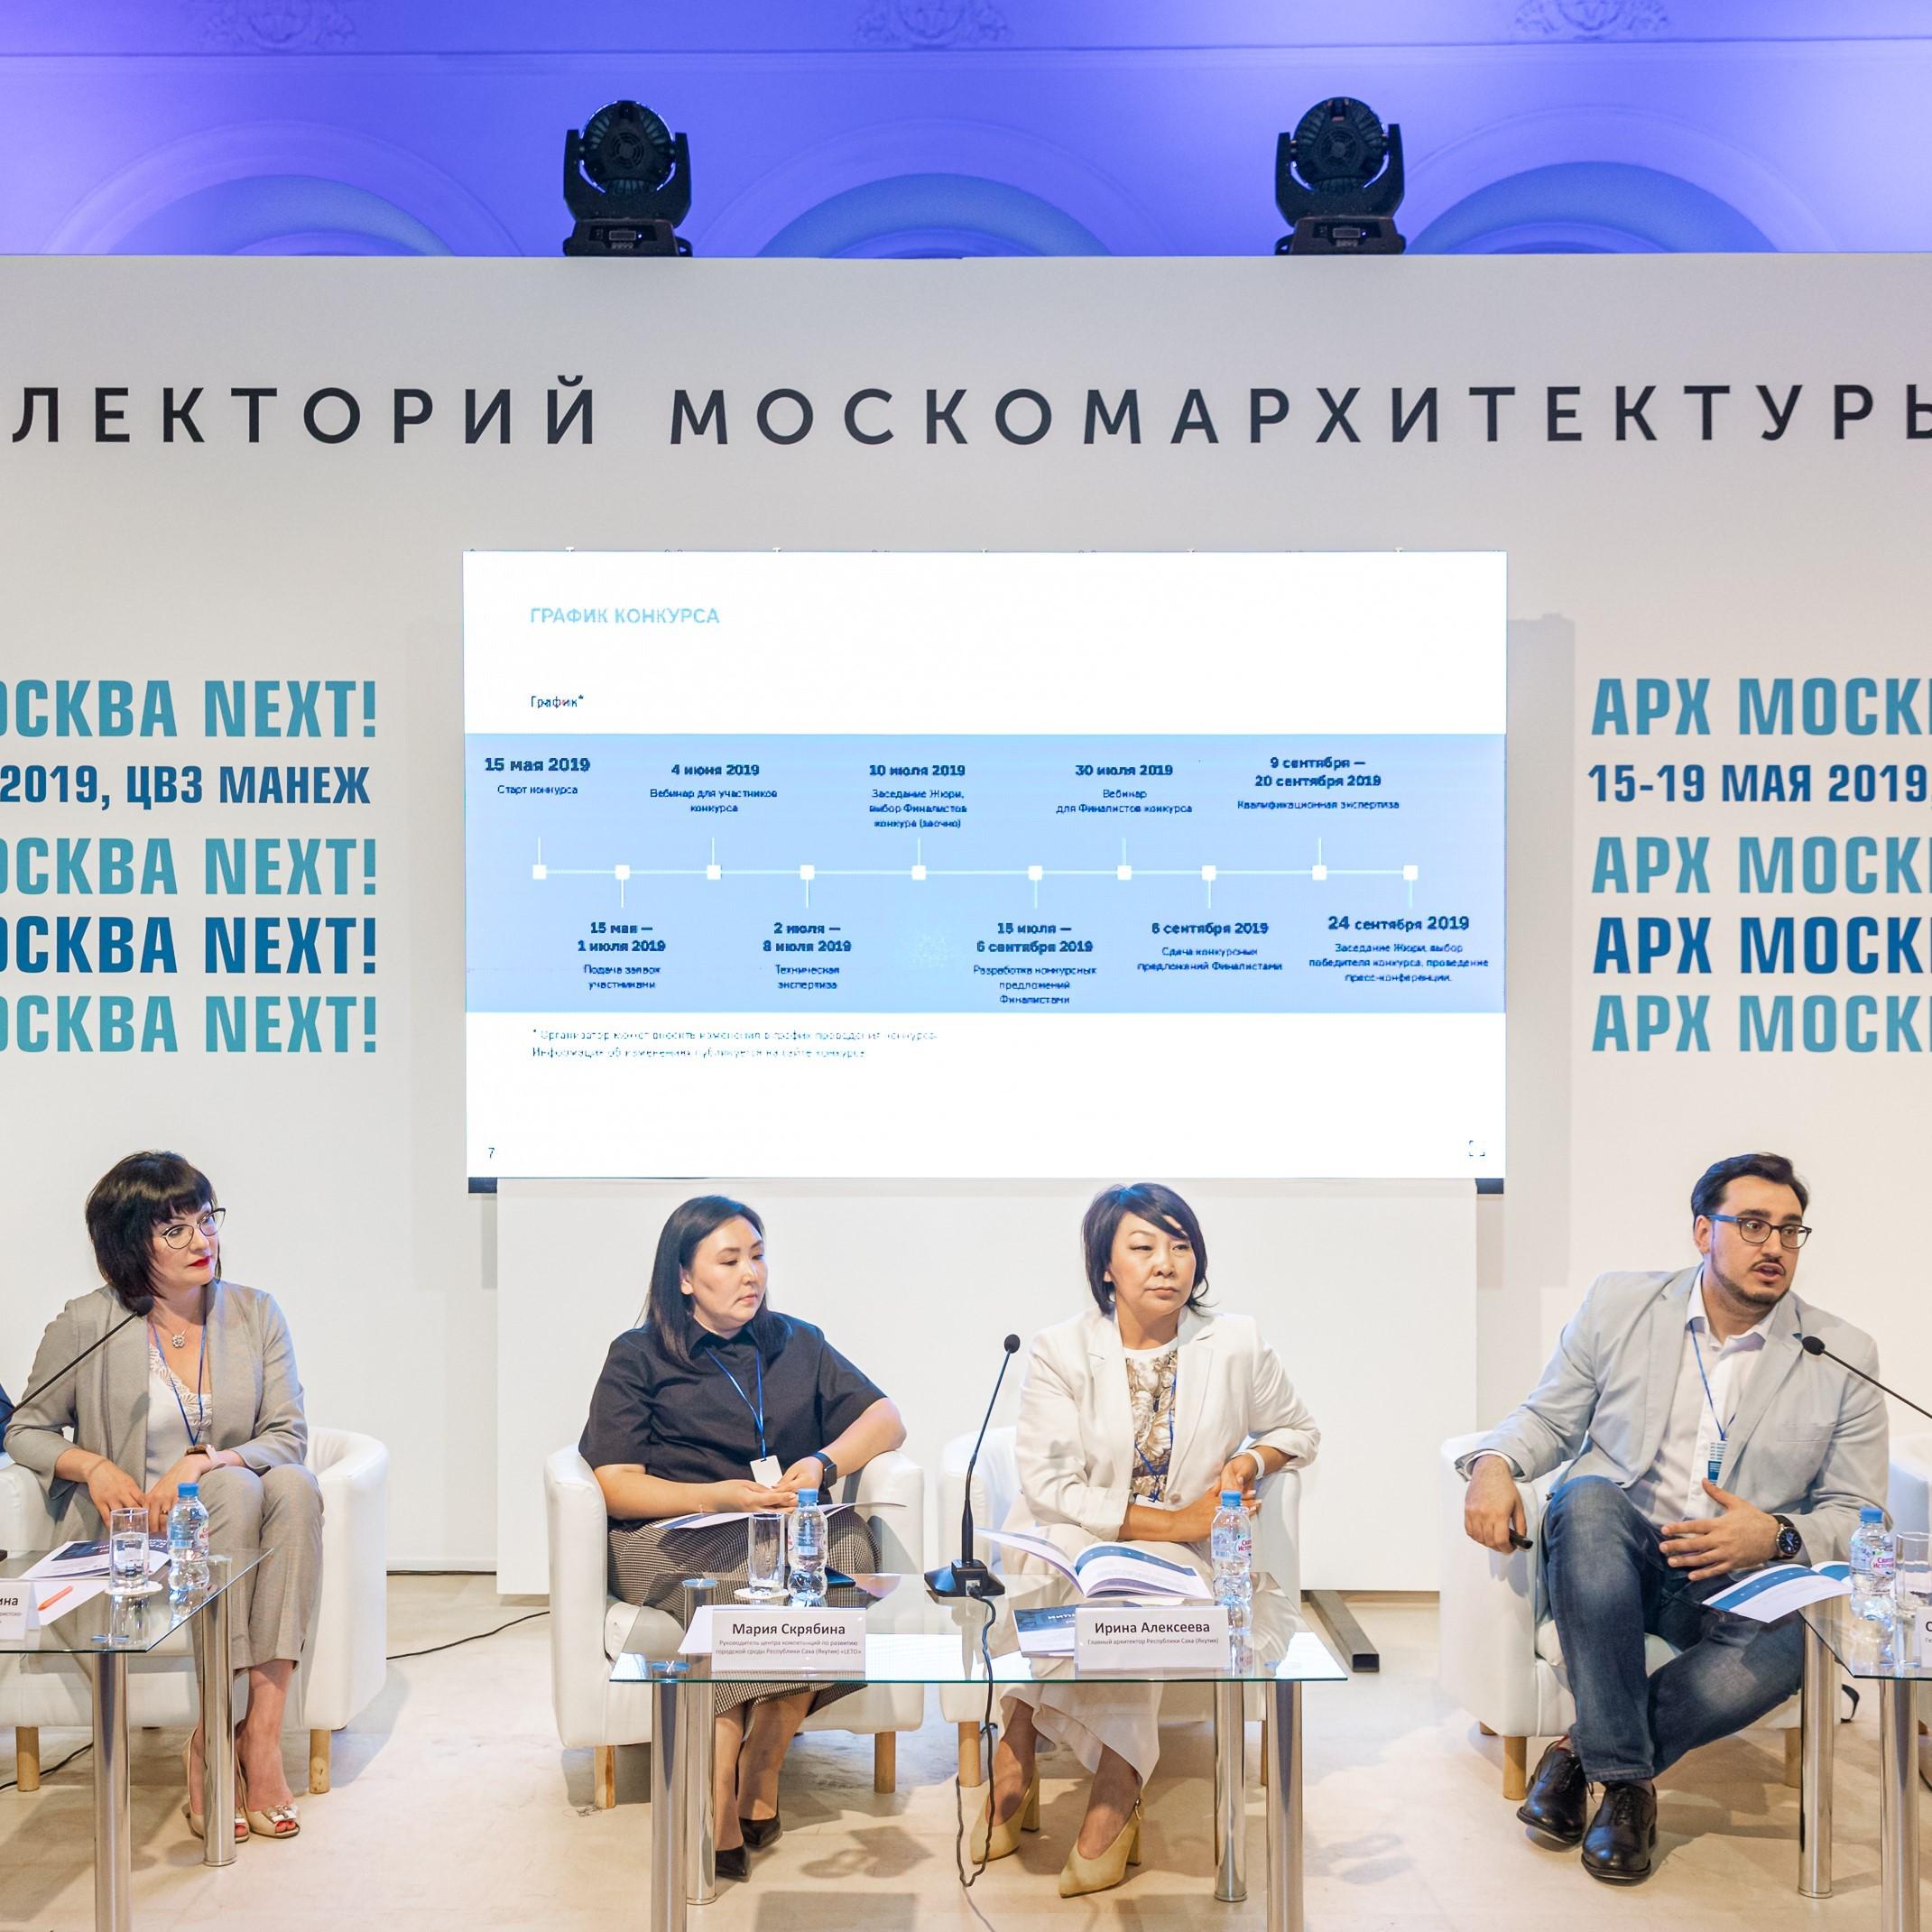 В рамках выставки АРХ Москва был объявлен старт конкурса